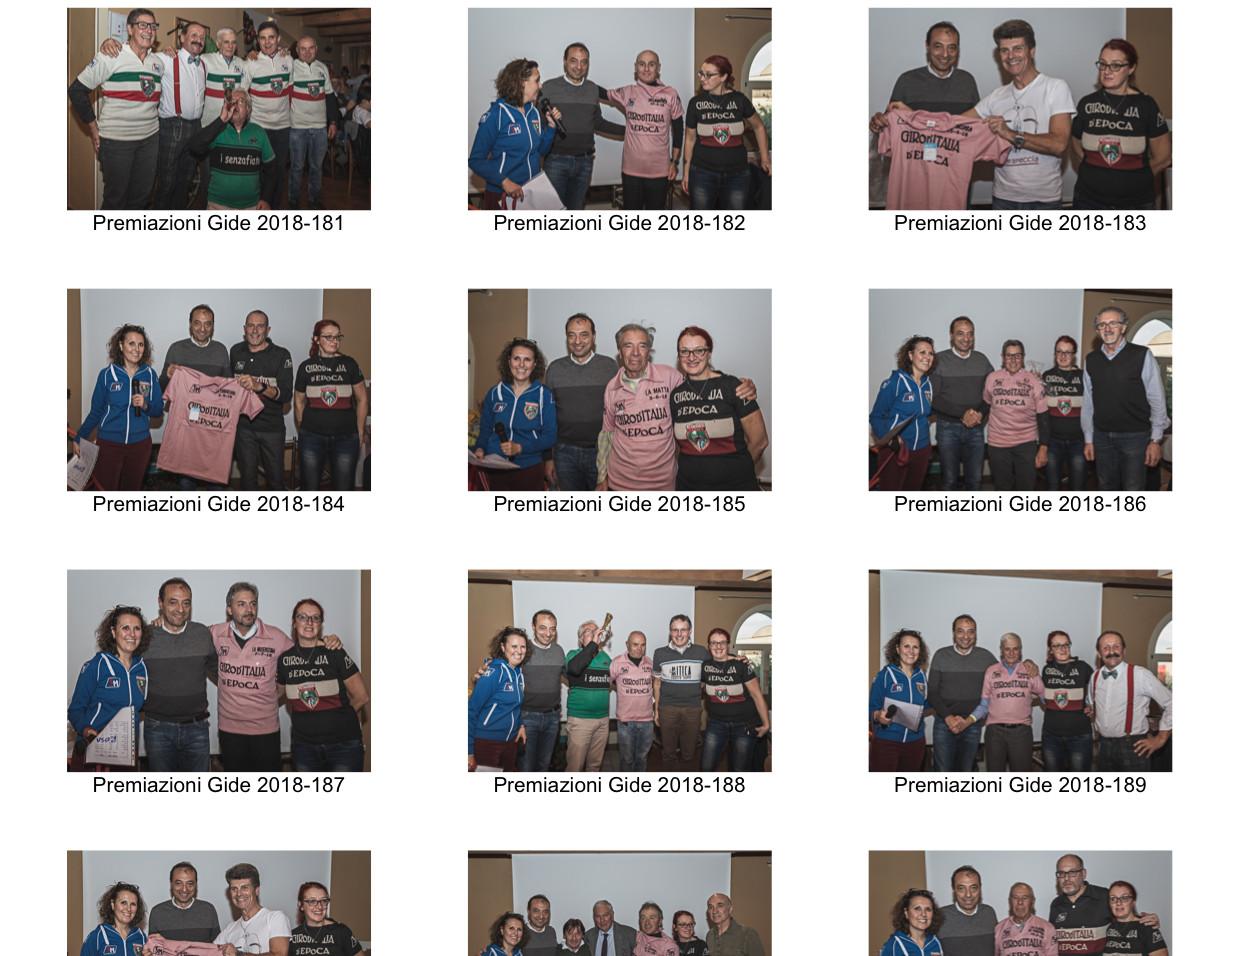 Premiazioni Gide-11.jpg